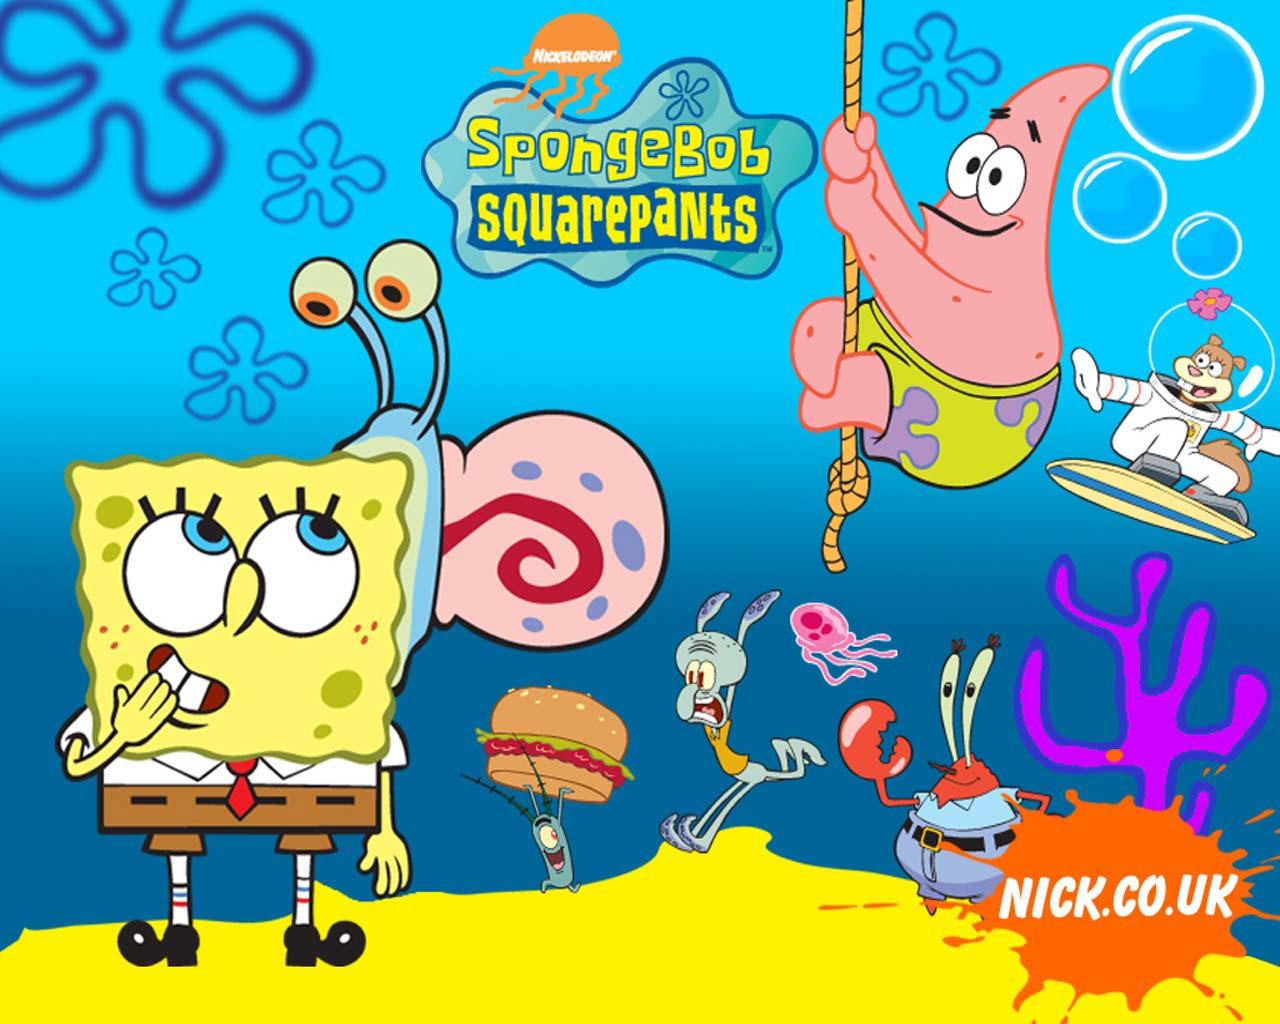 Spongebob Christmas Wallpaper 62 Hd Wallpapers in Cartoons   Imagesci 1280x1024